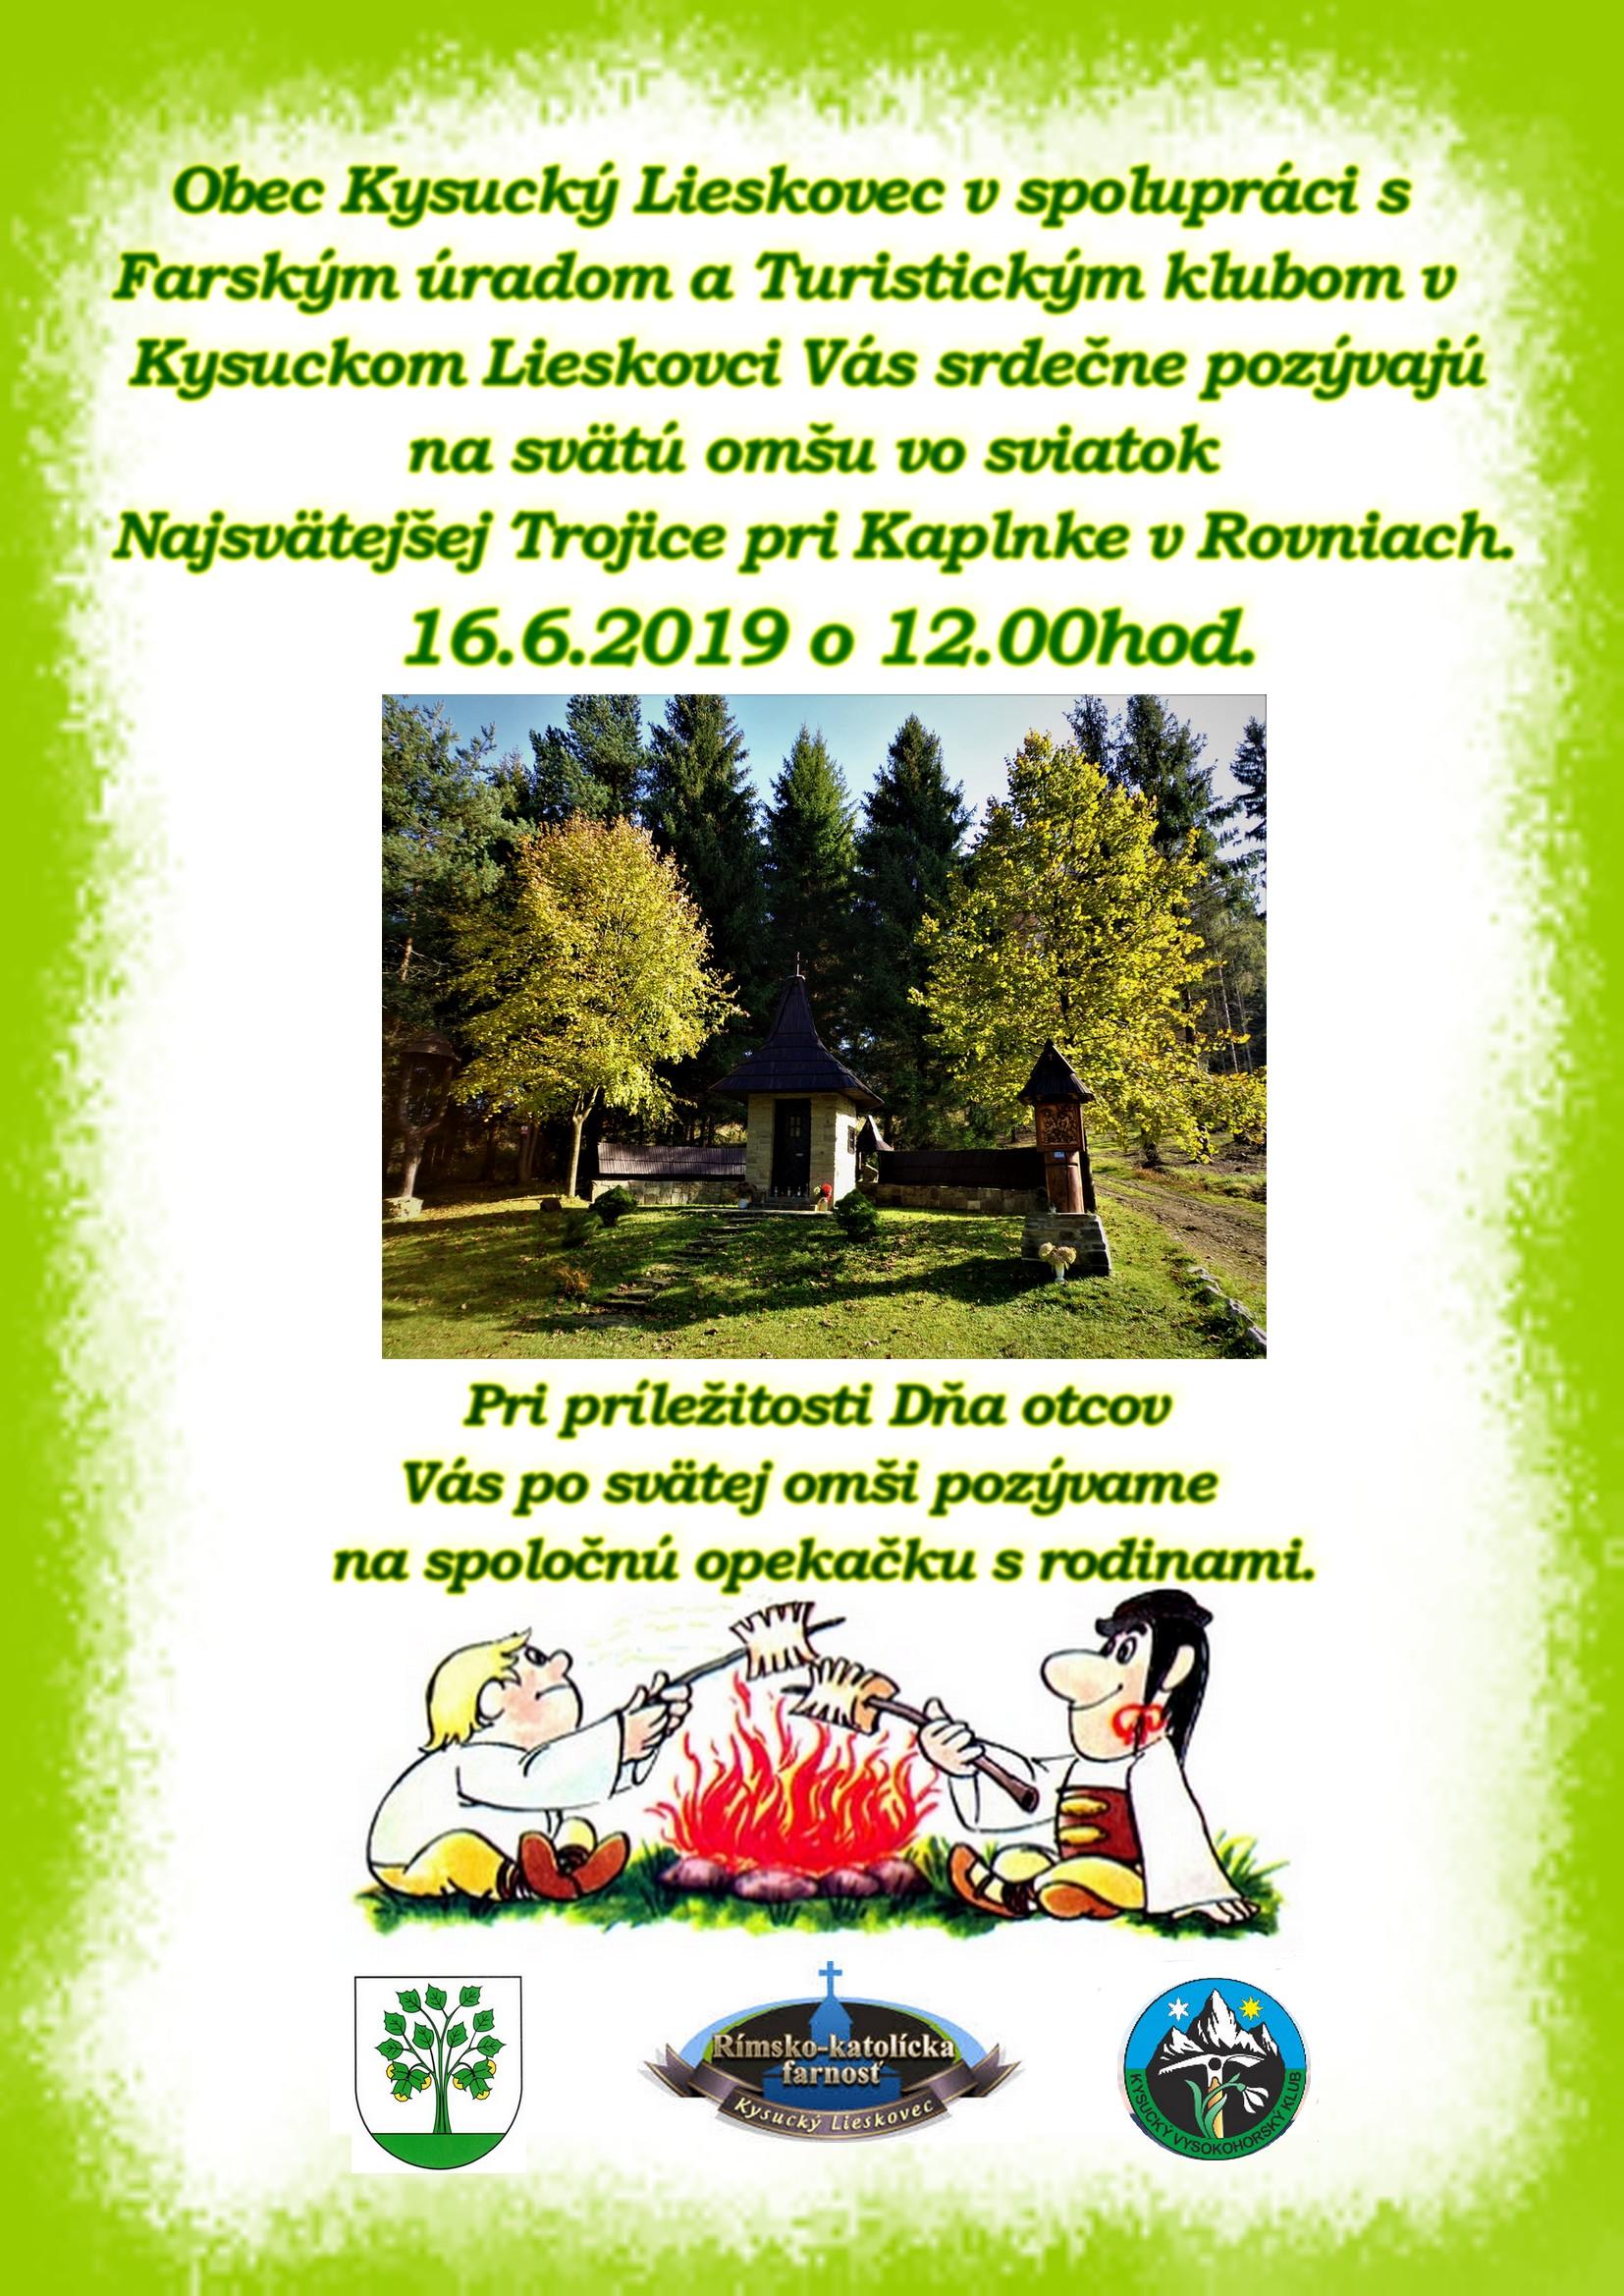 Obec Kysucký Lieskovec v spolupráci s Farským úradom a Turistickým klubom v Kysuckom Lieskovci Vás pozývajú na svätú omšu vo sviatok Najsvätejšej Trojice pri Kaplnke v Rovniach. 16.6.2019 o 12:00 hod.